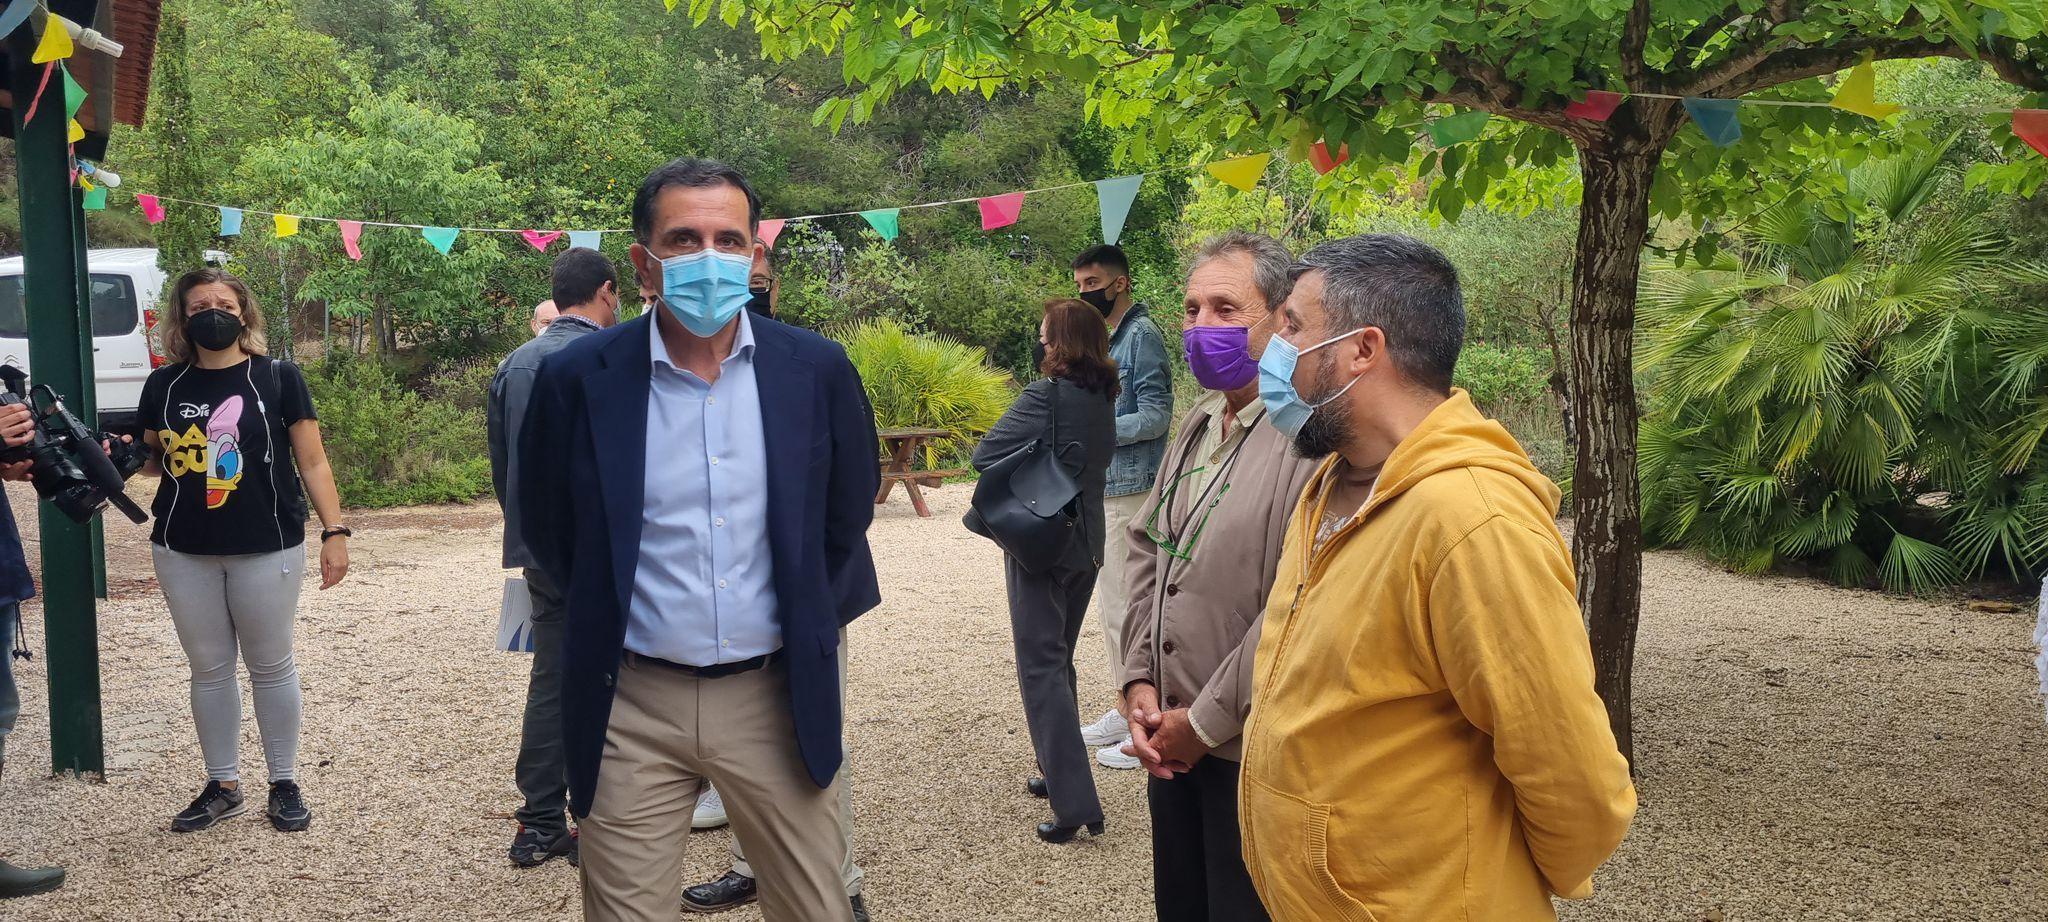 WhatsApp Image 2021 06 05 at 18.00.45 - El Alcalde de Murcia visita el Centro Medioambiental Fuente de Columbares